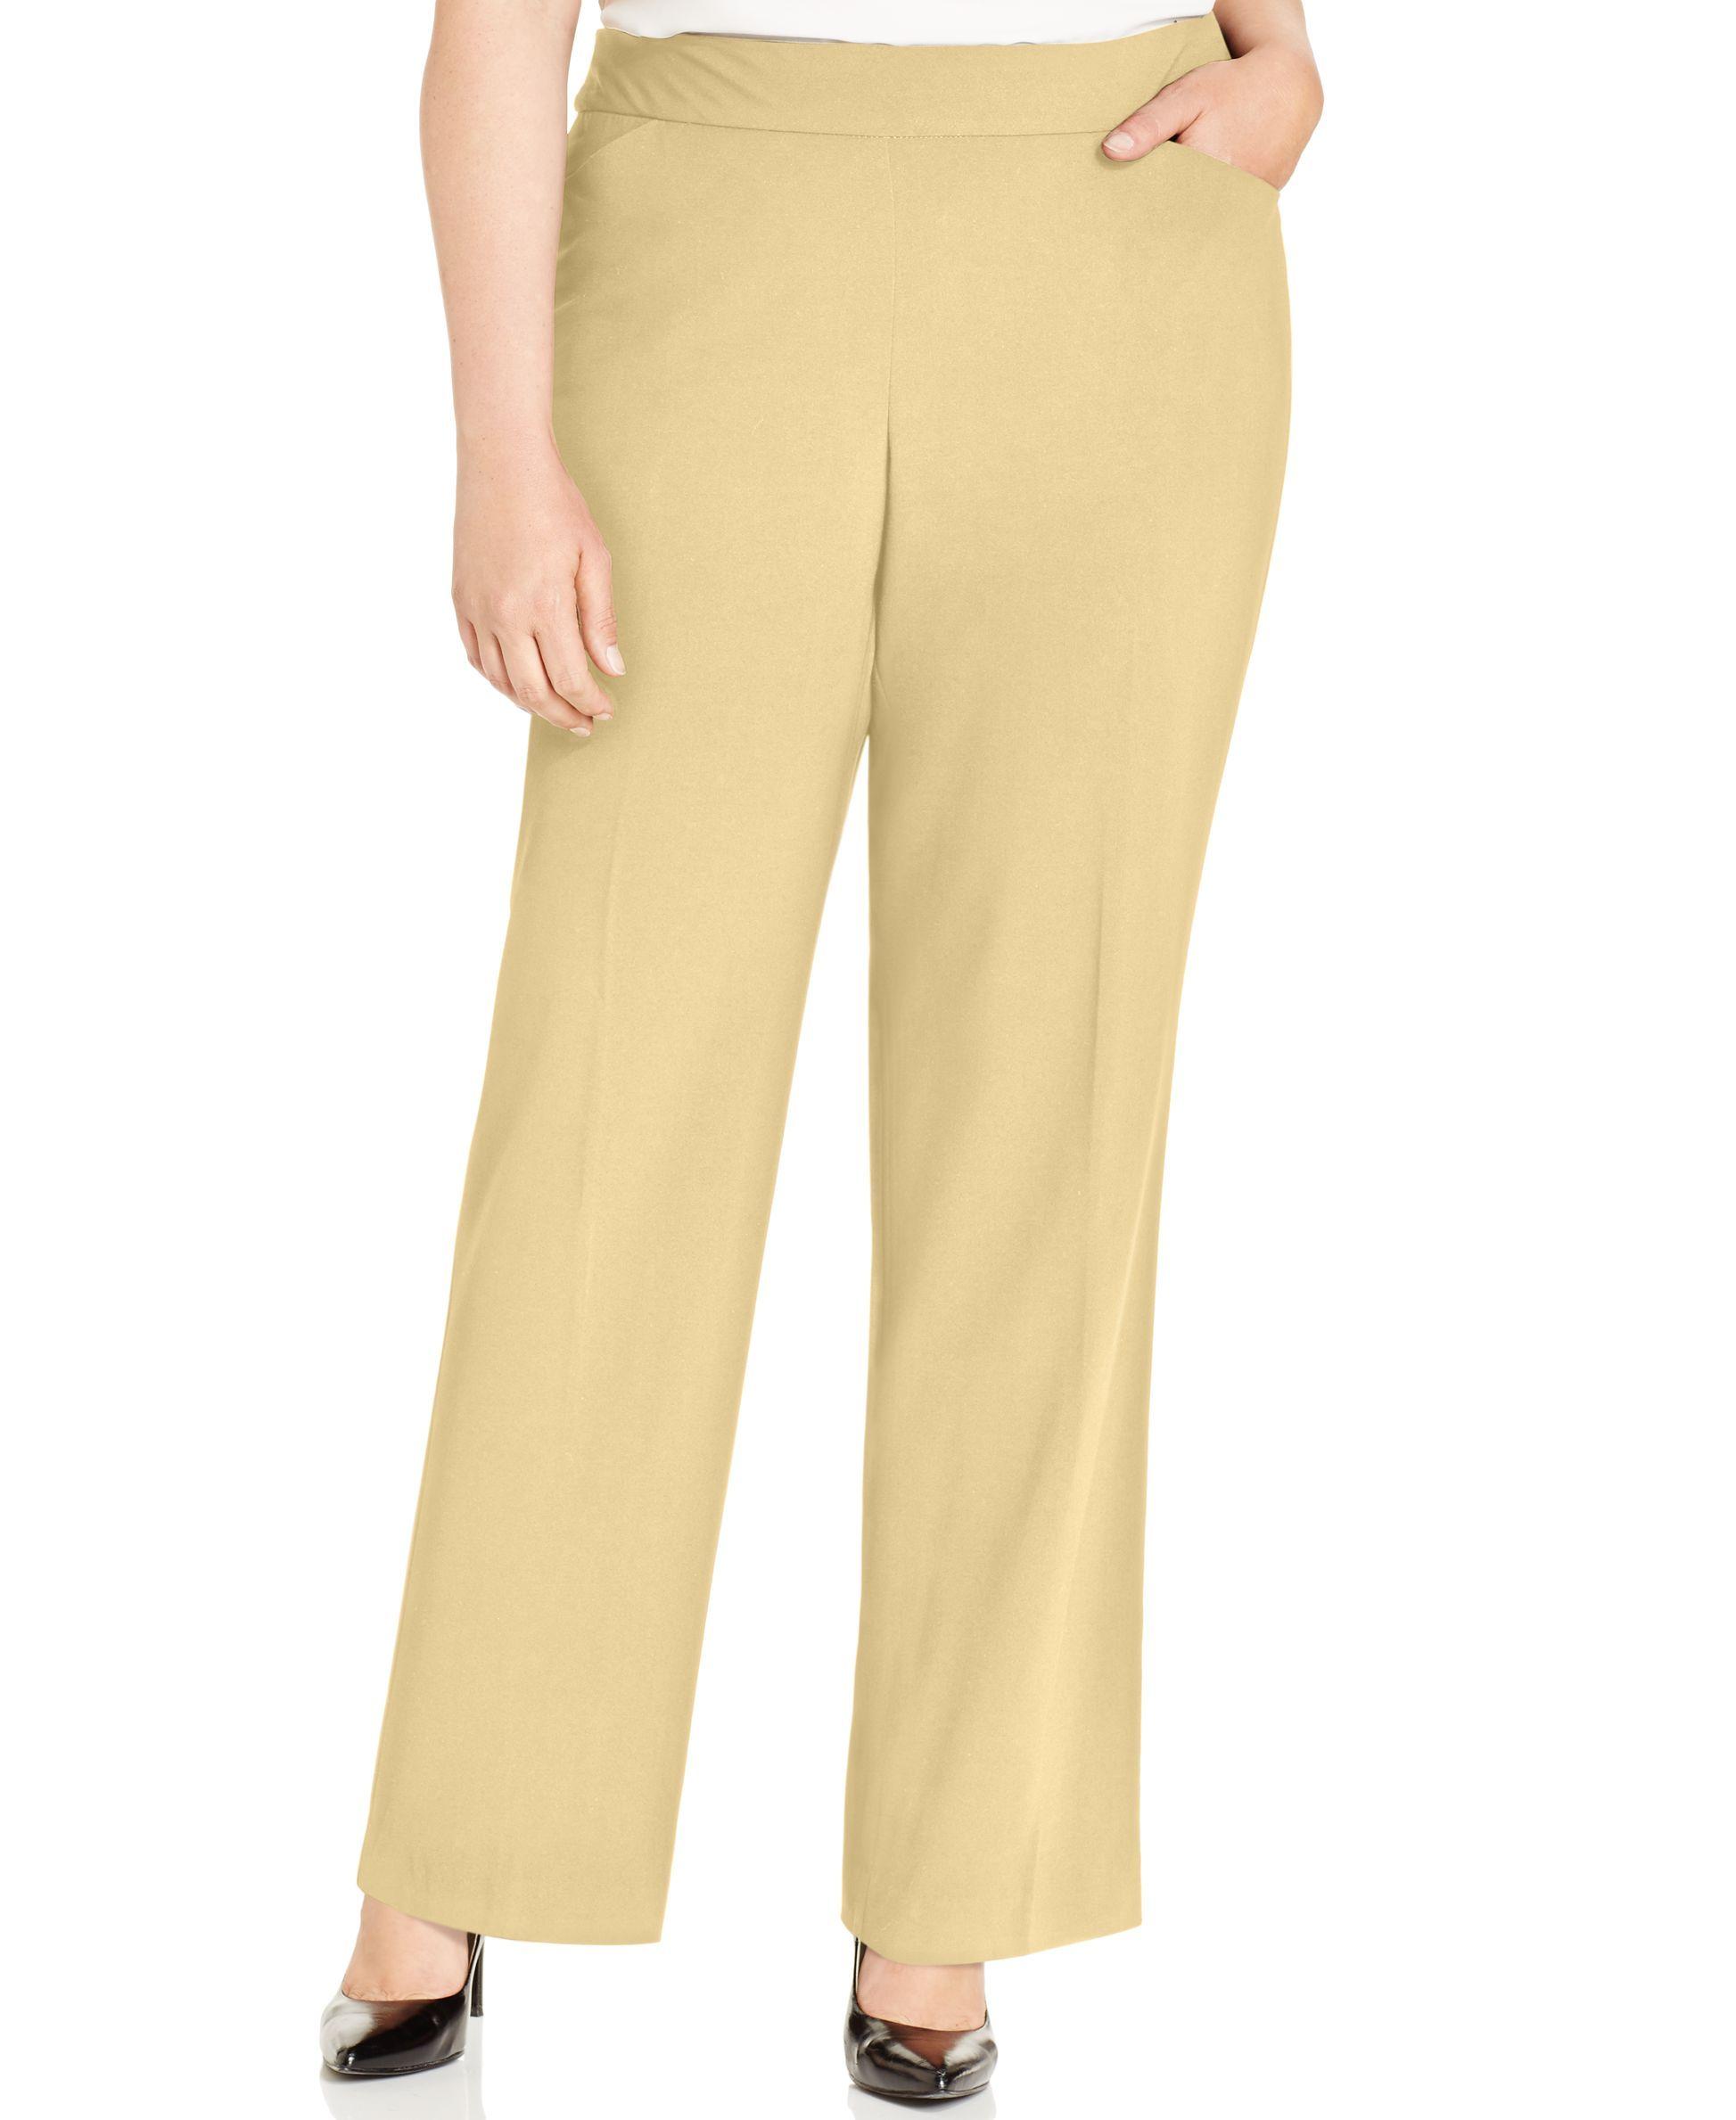 406a195a4f3 Plus   Petite Plus Size Curvy-Fit Straight-Leg Pants